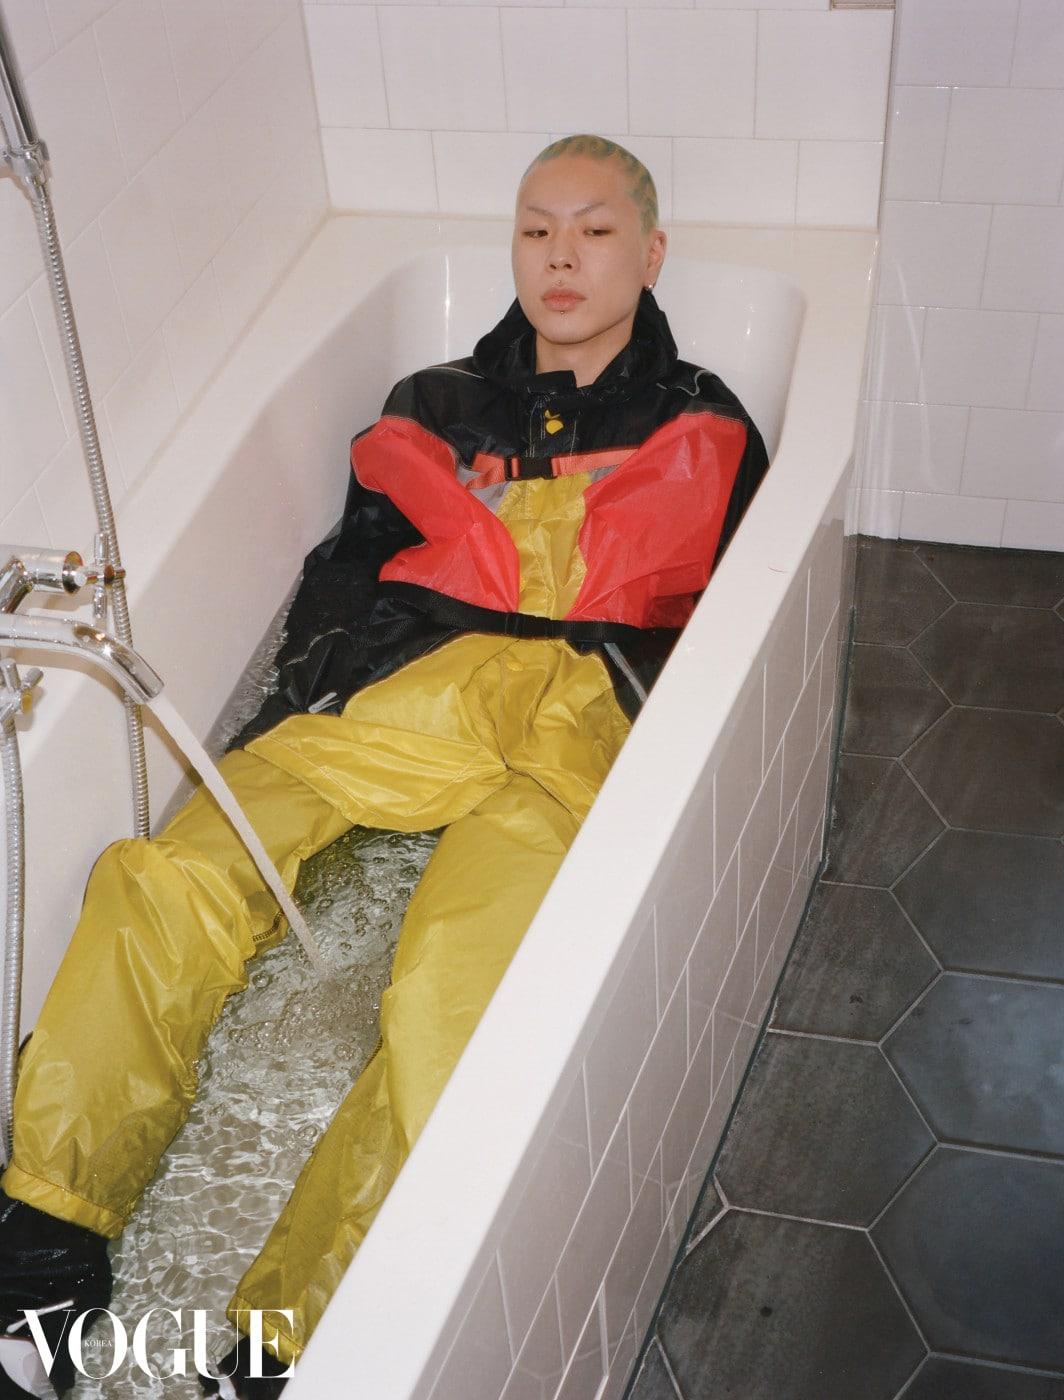 바람막이 재킷과 노란색 팬츠는 프라다(Prada), 운동화는 나이키(Nike).